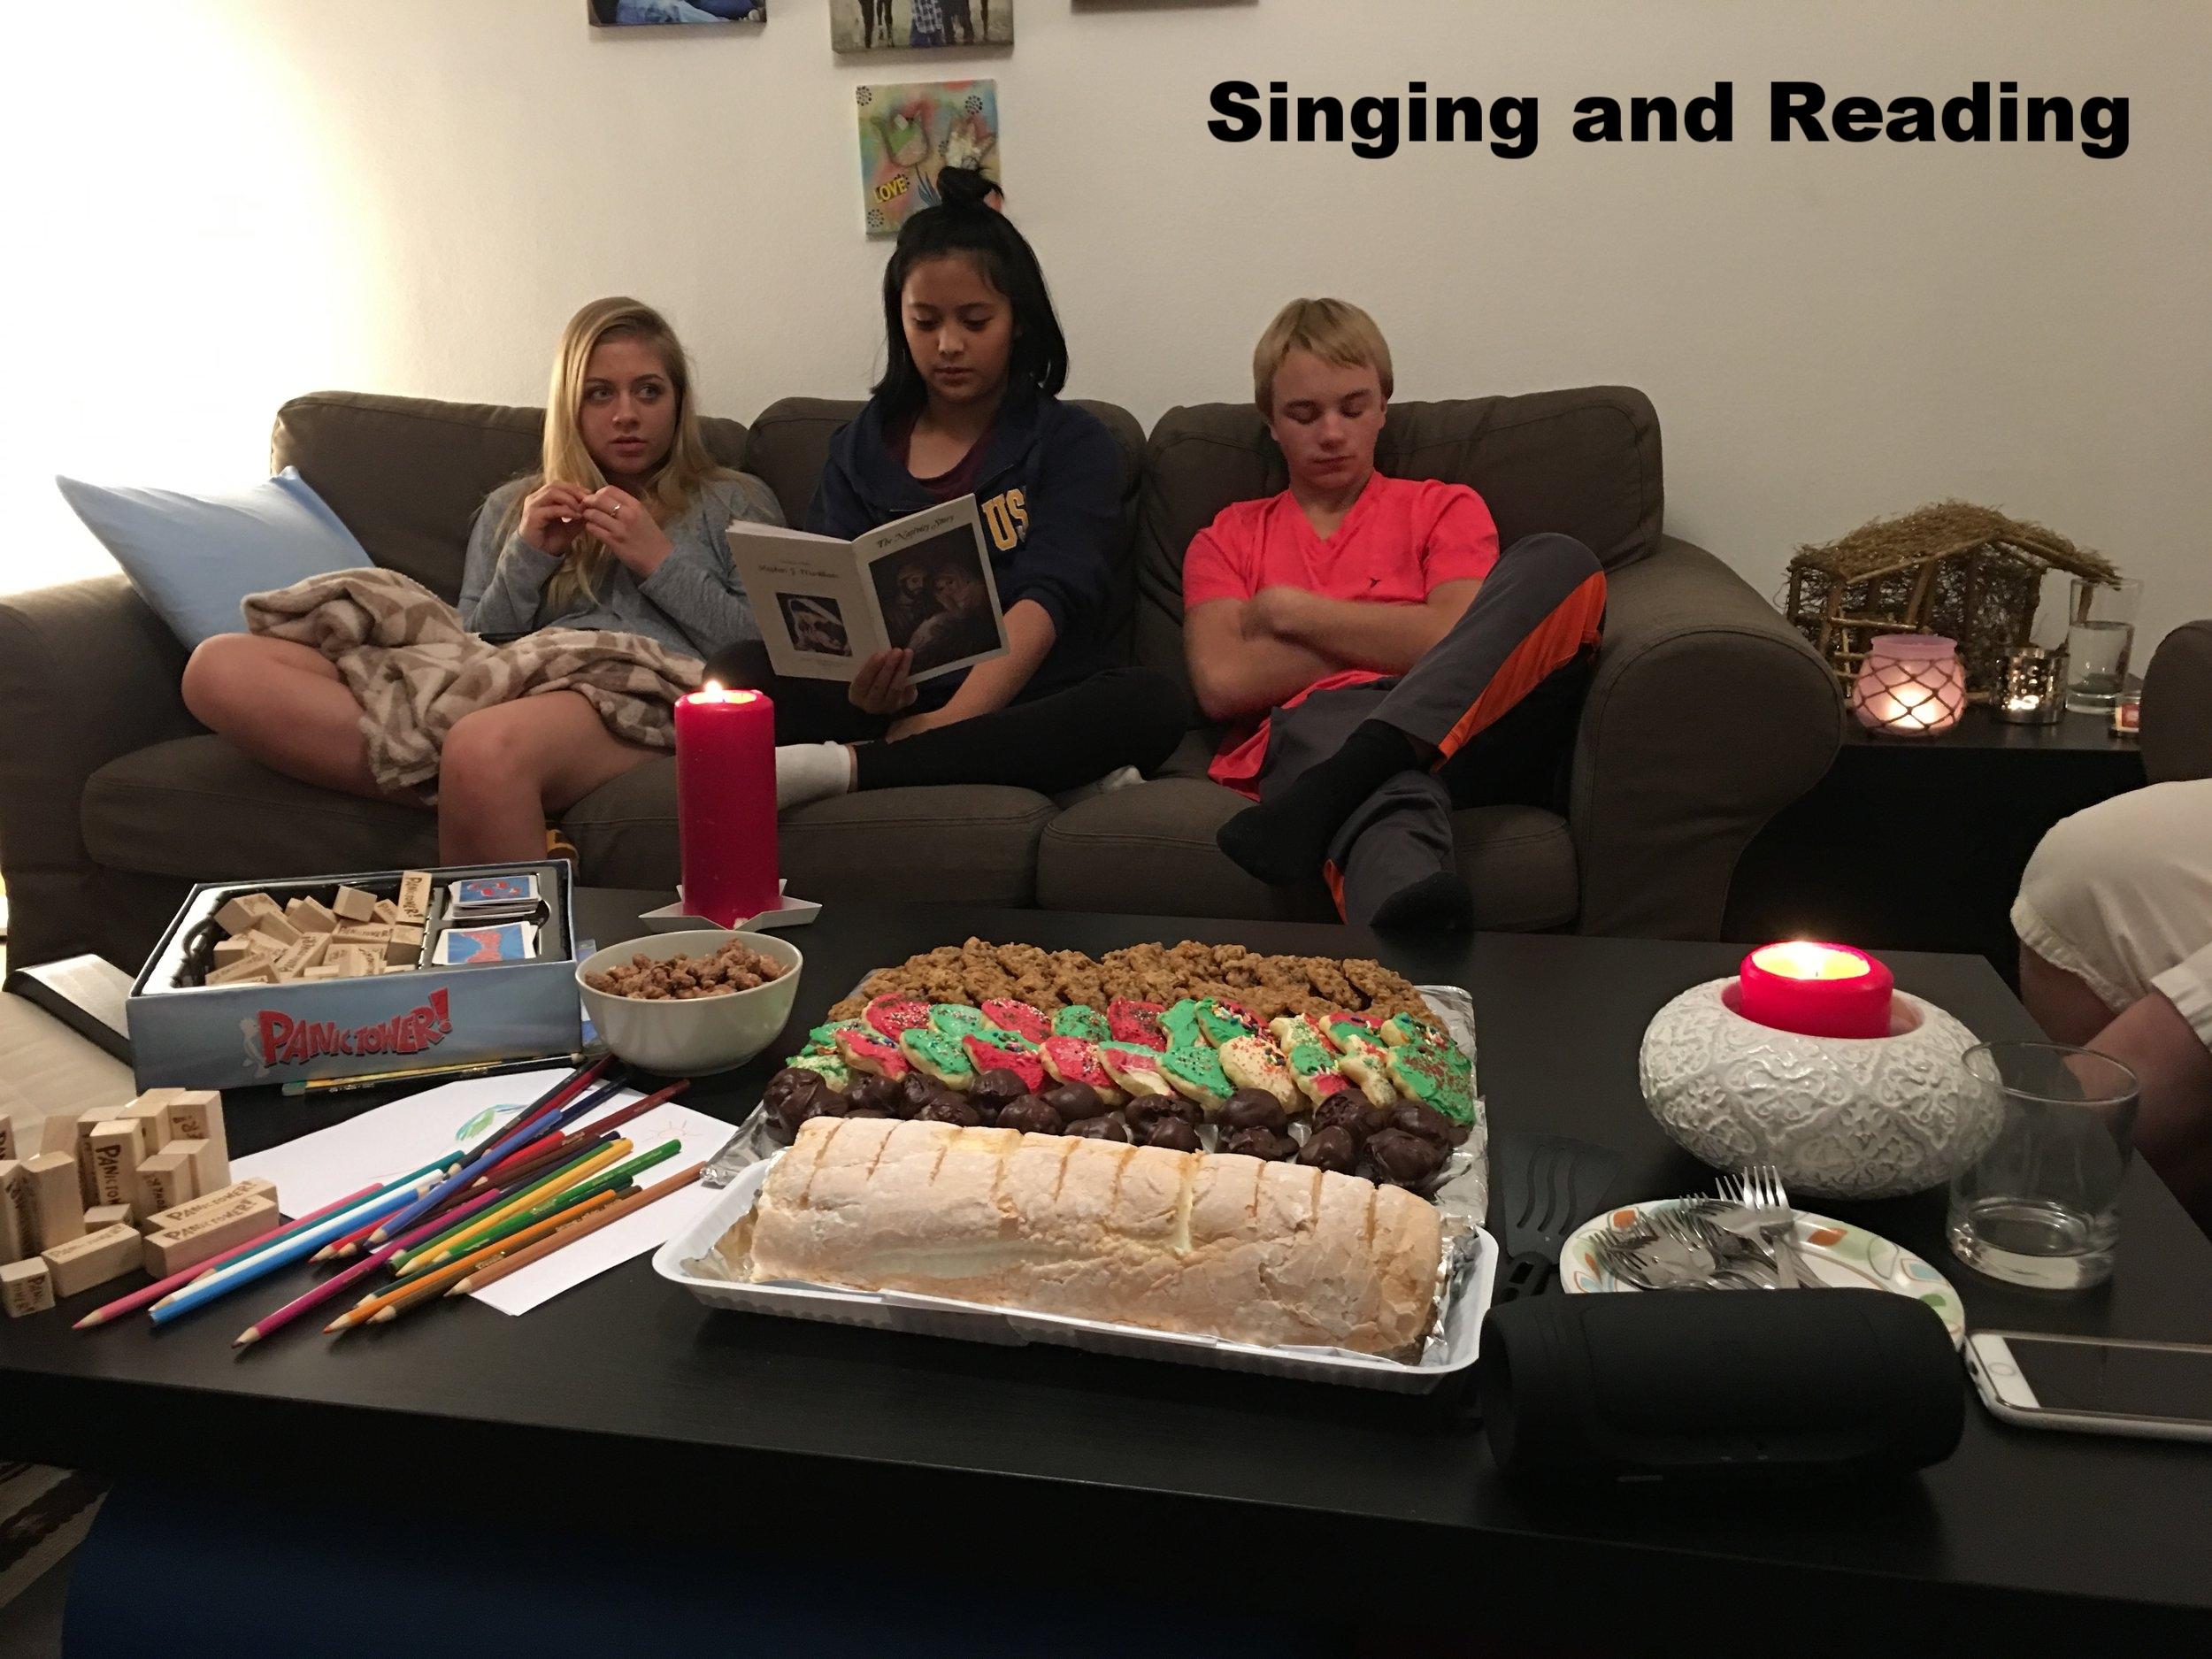 Singing/Reading